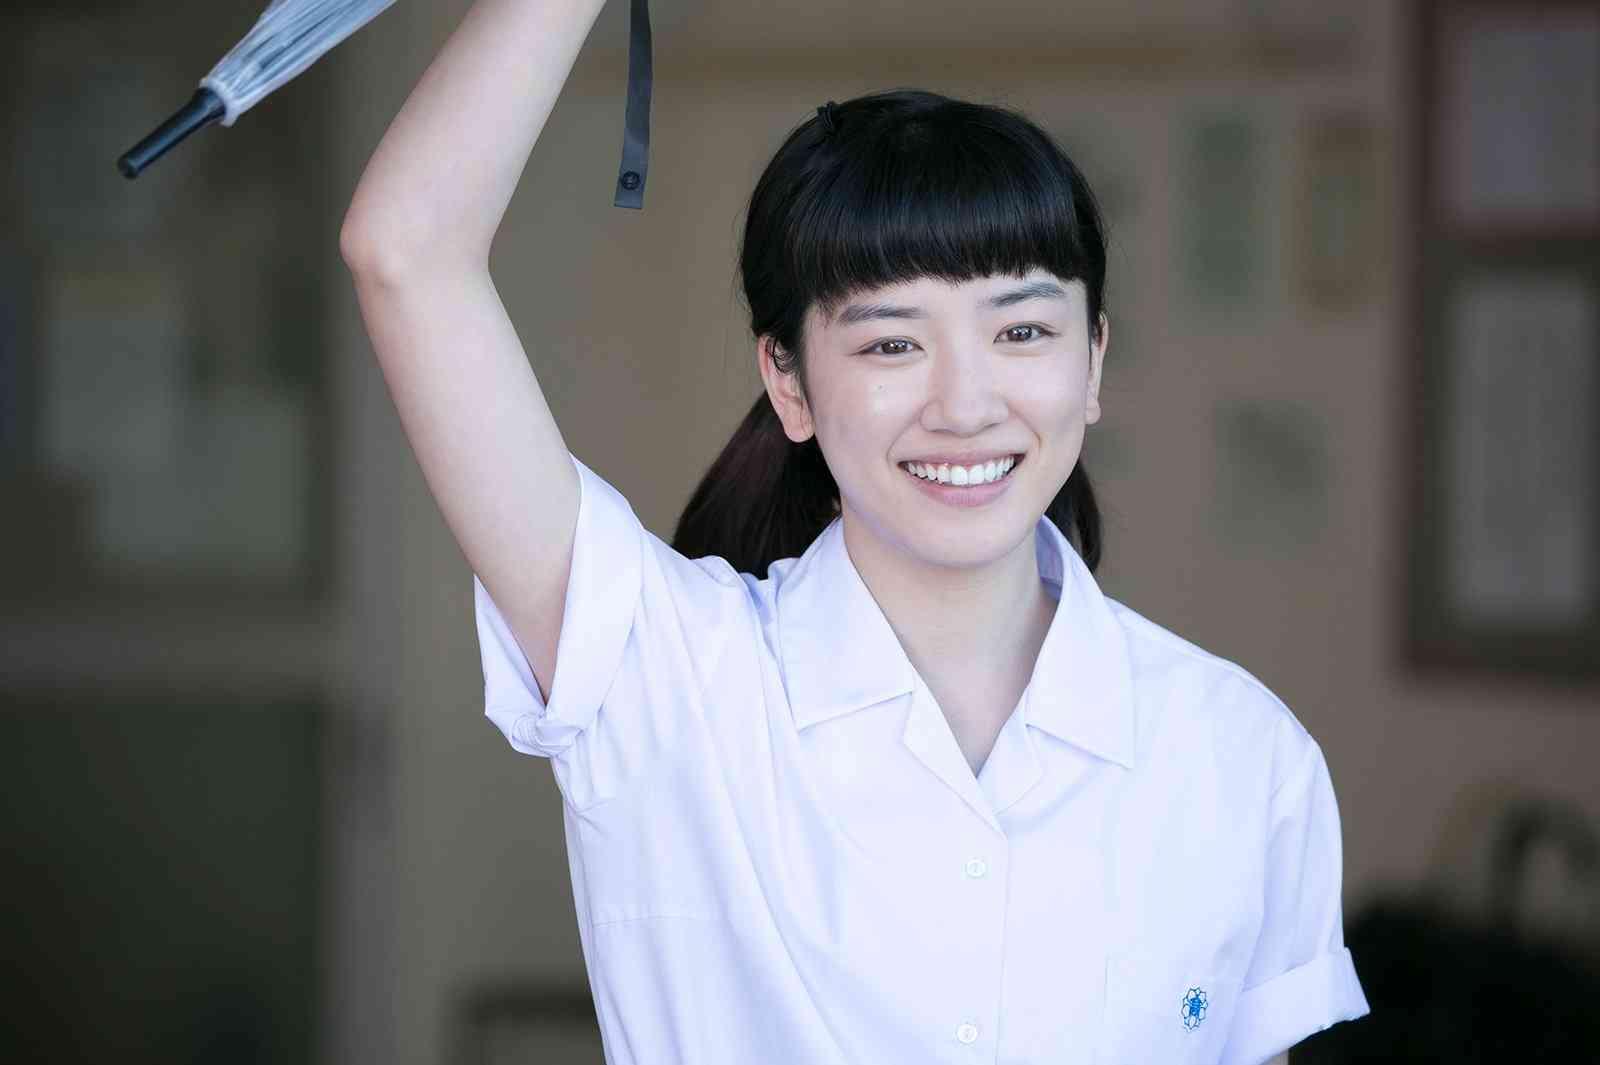 「眠れなくなって耳が聞こえなくなる」朝ドラの撮影で永野芽郁が苦悩